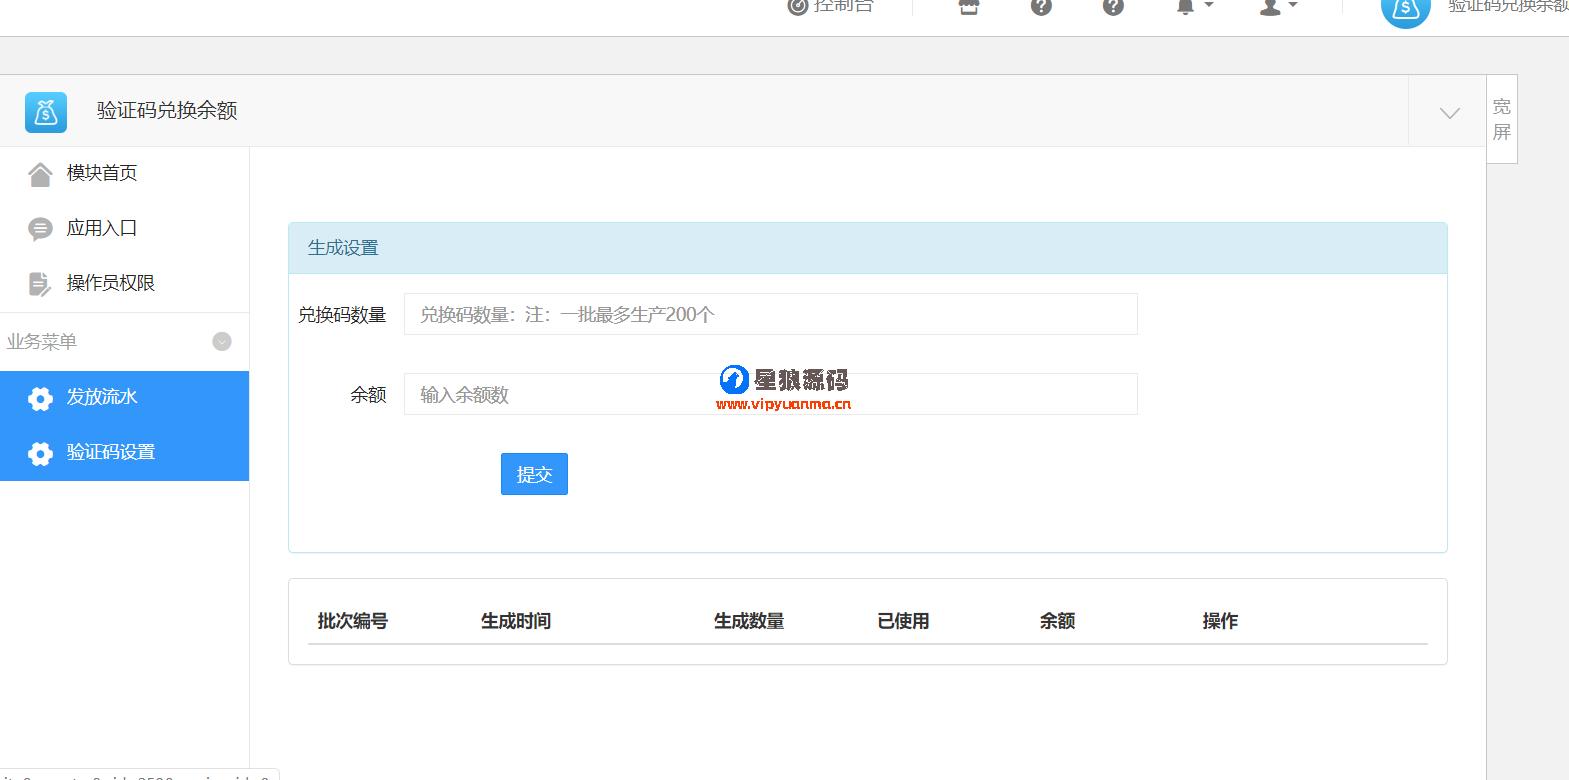 微信发送验证码兑换余额系统1.1.5 第1张